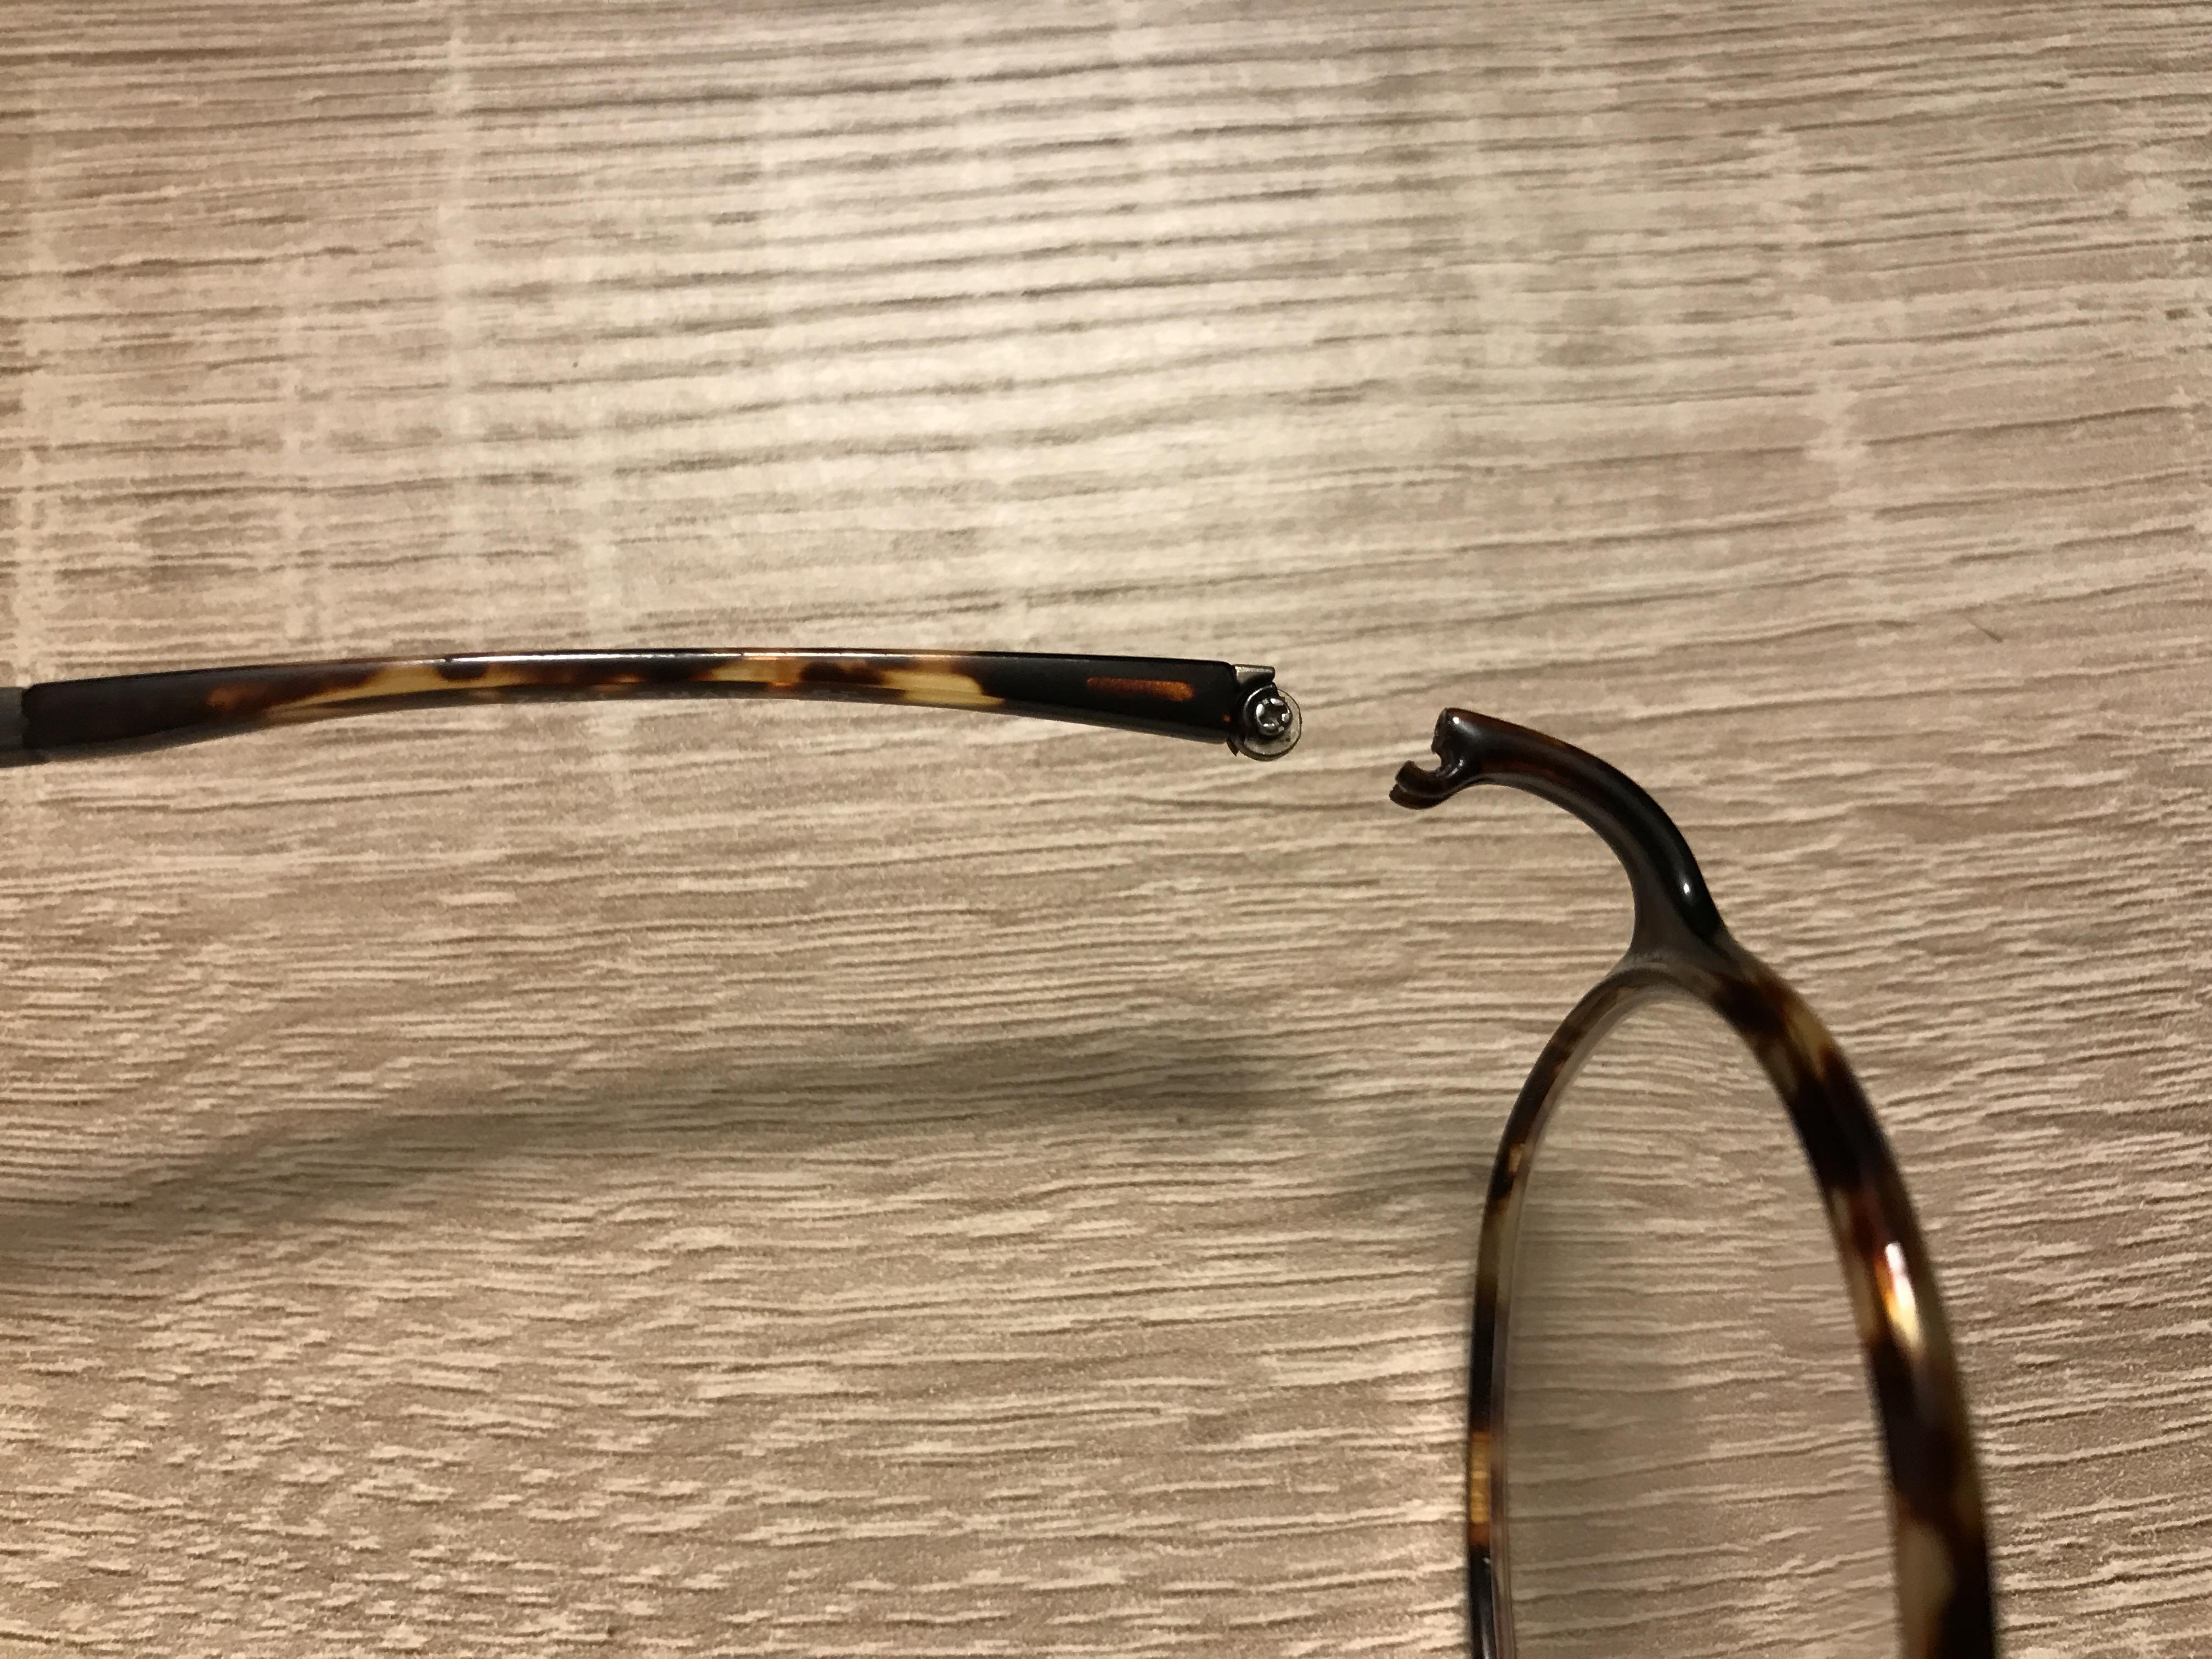 Zoff Smartのメガネが壊れた。ショック!